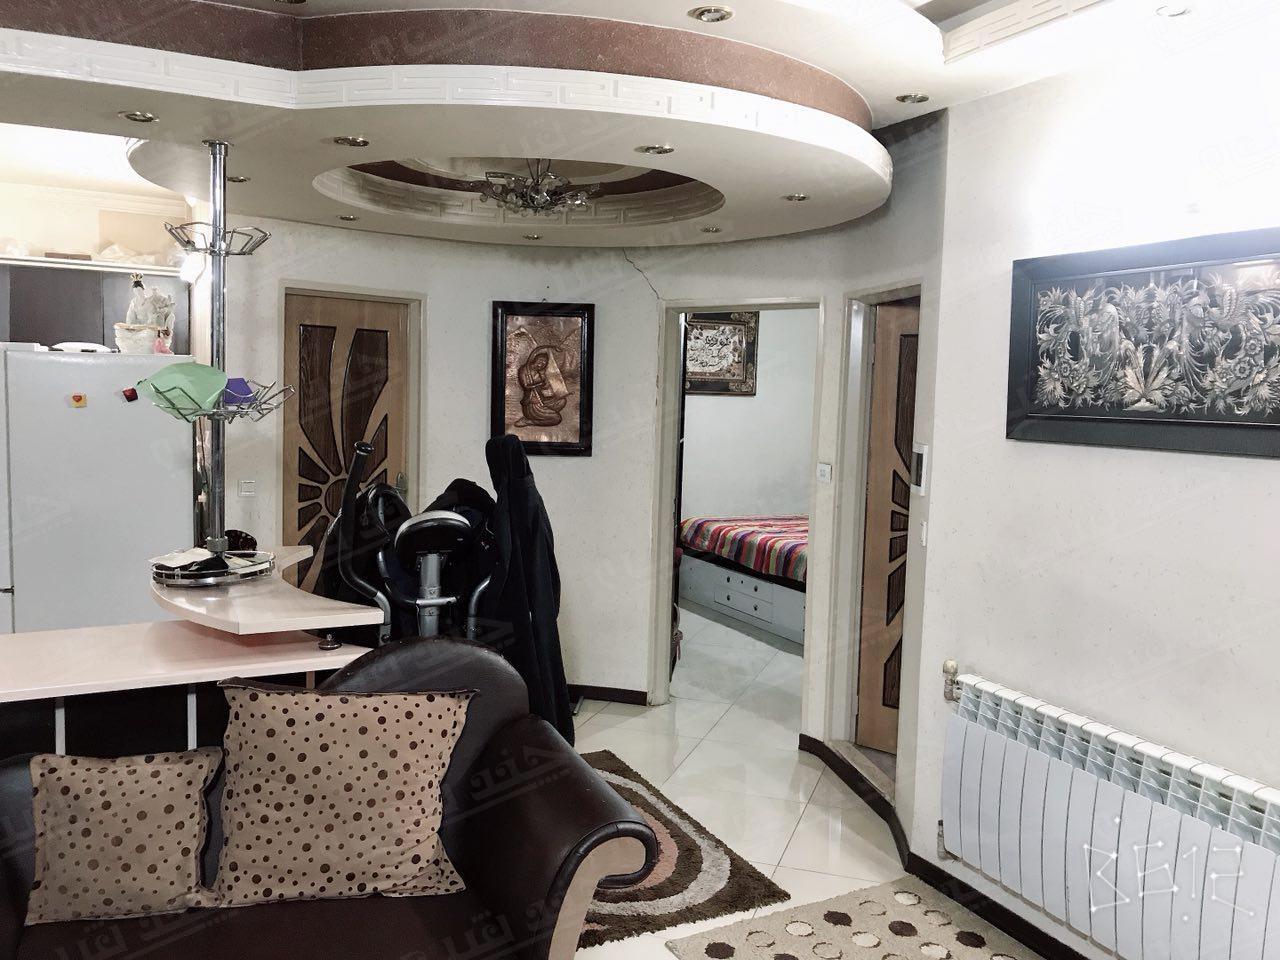 آپارتمان مبله شیک جهت اقامت روزانه در اصفهان - 121